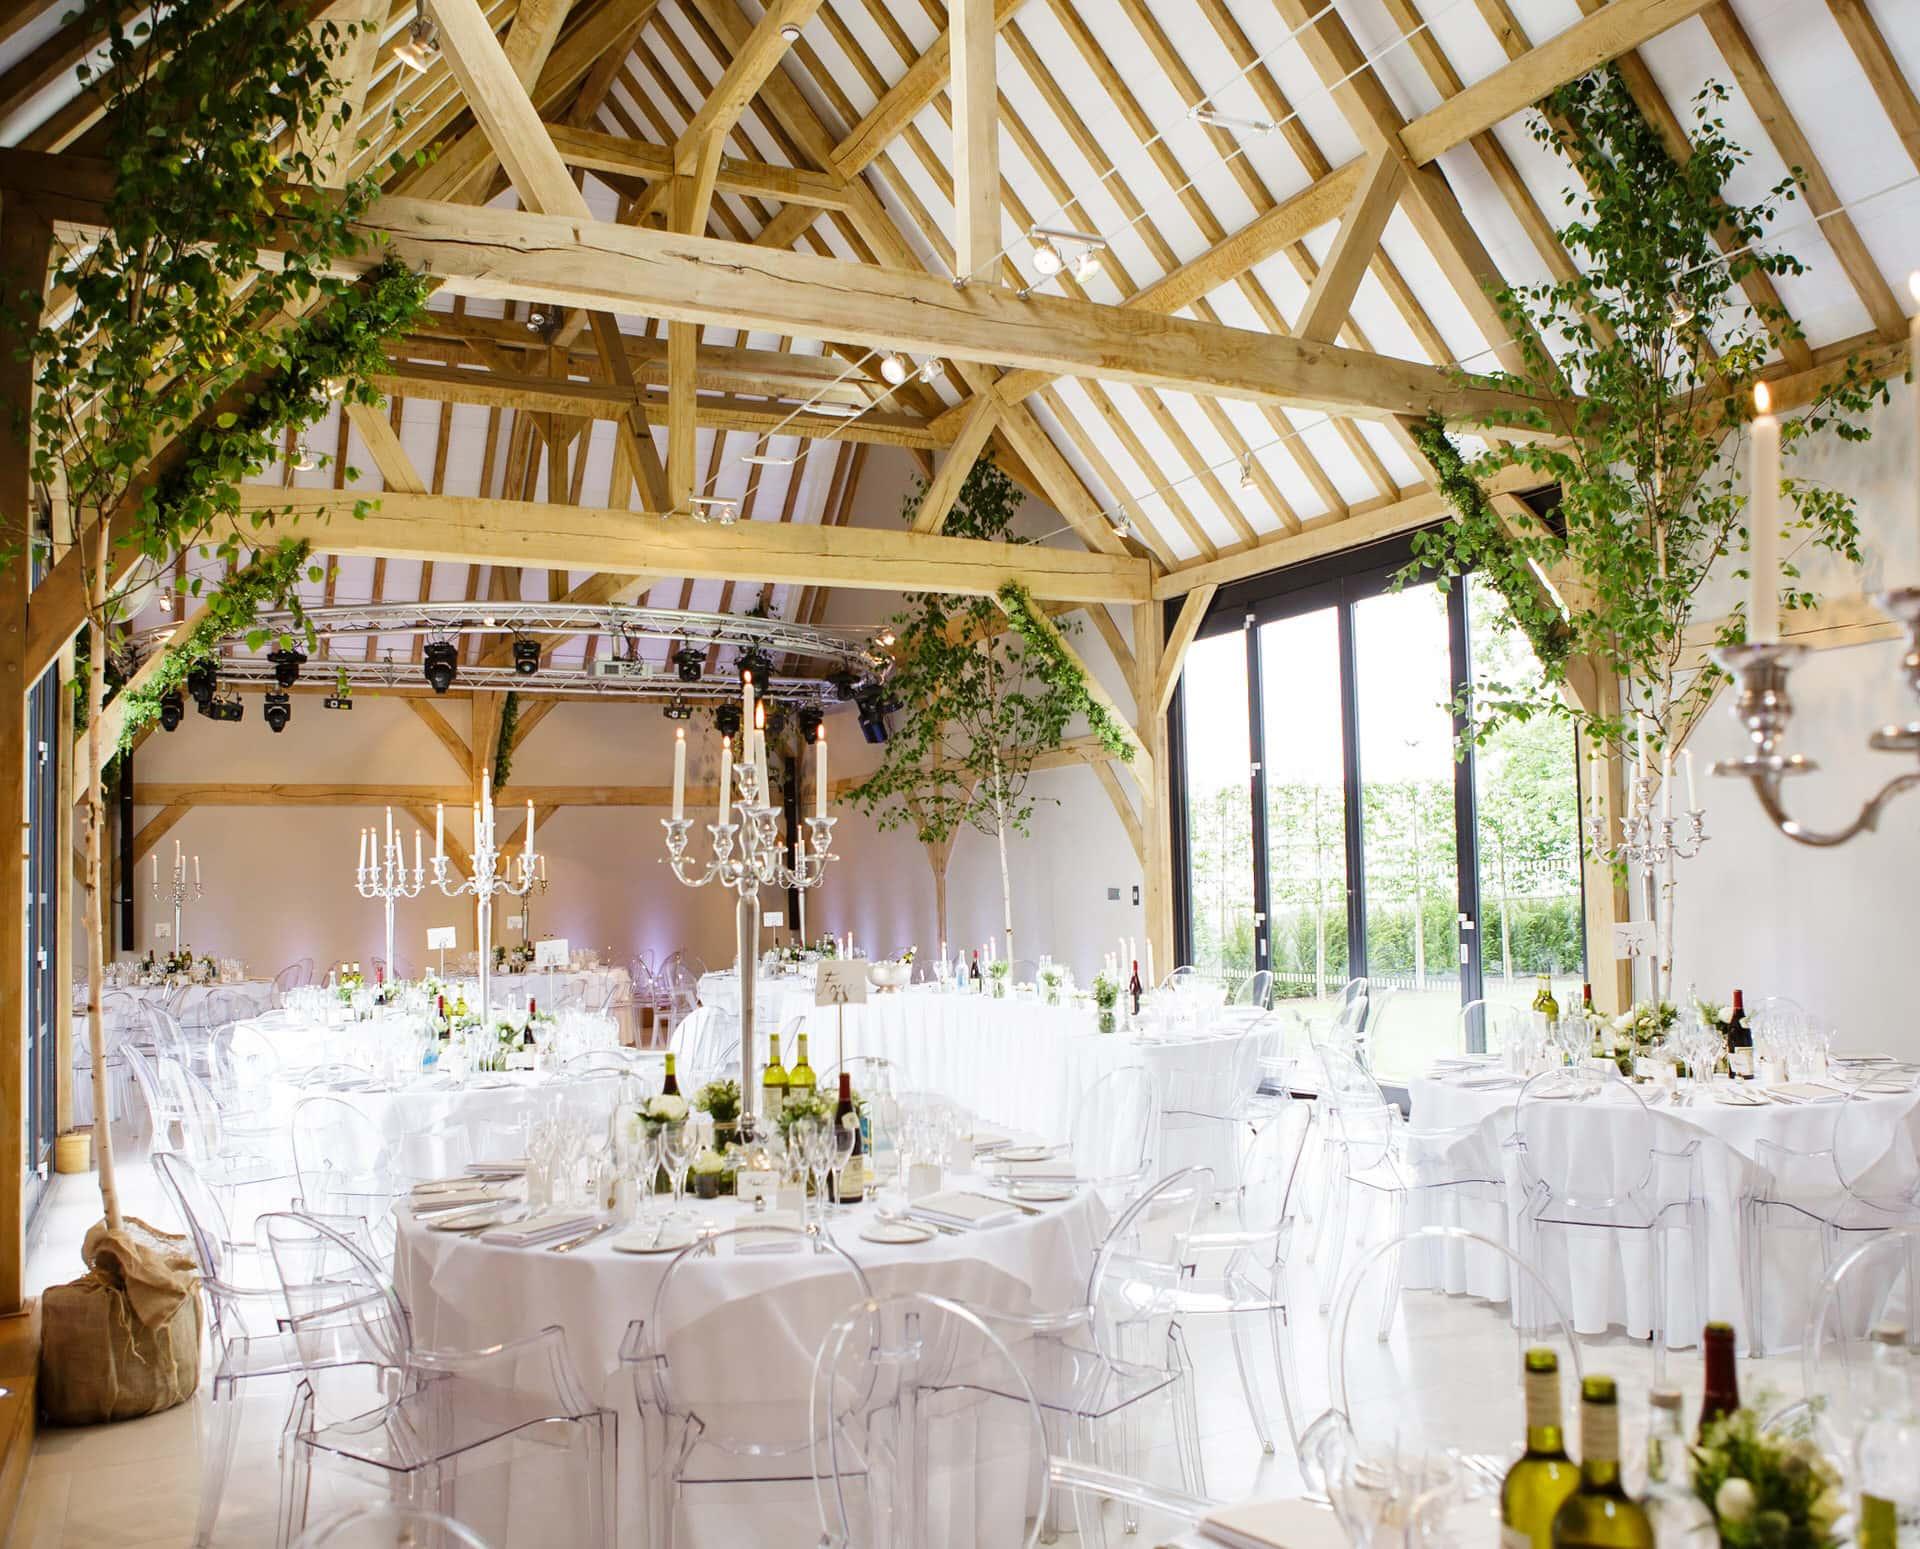 Barn wedding venues near Birmingham